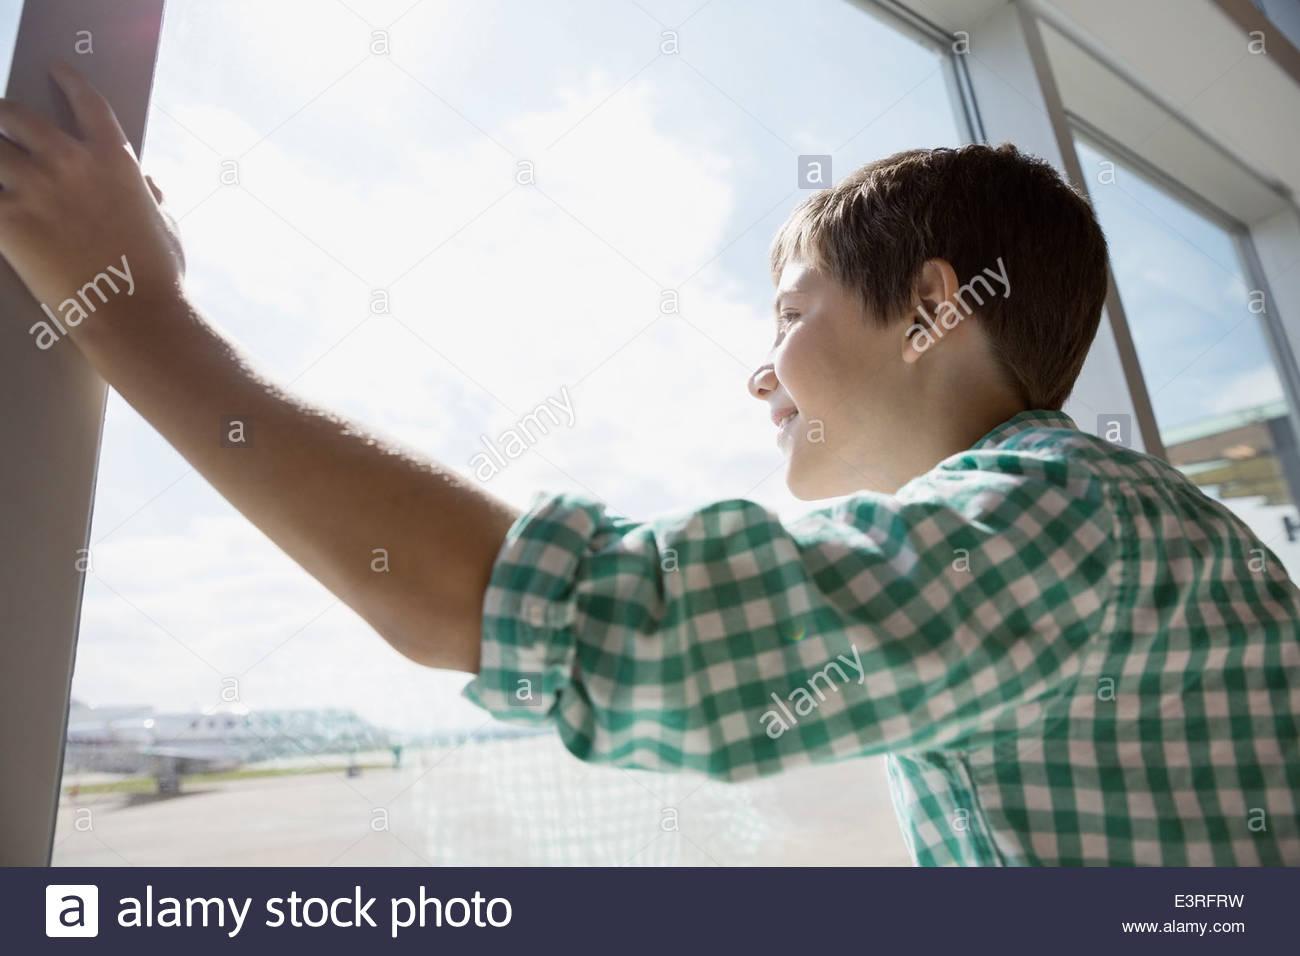 Ragazzo che guarda alla finestra di airport Immagini Stock